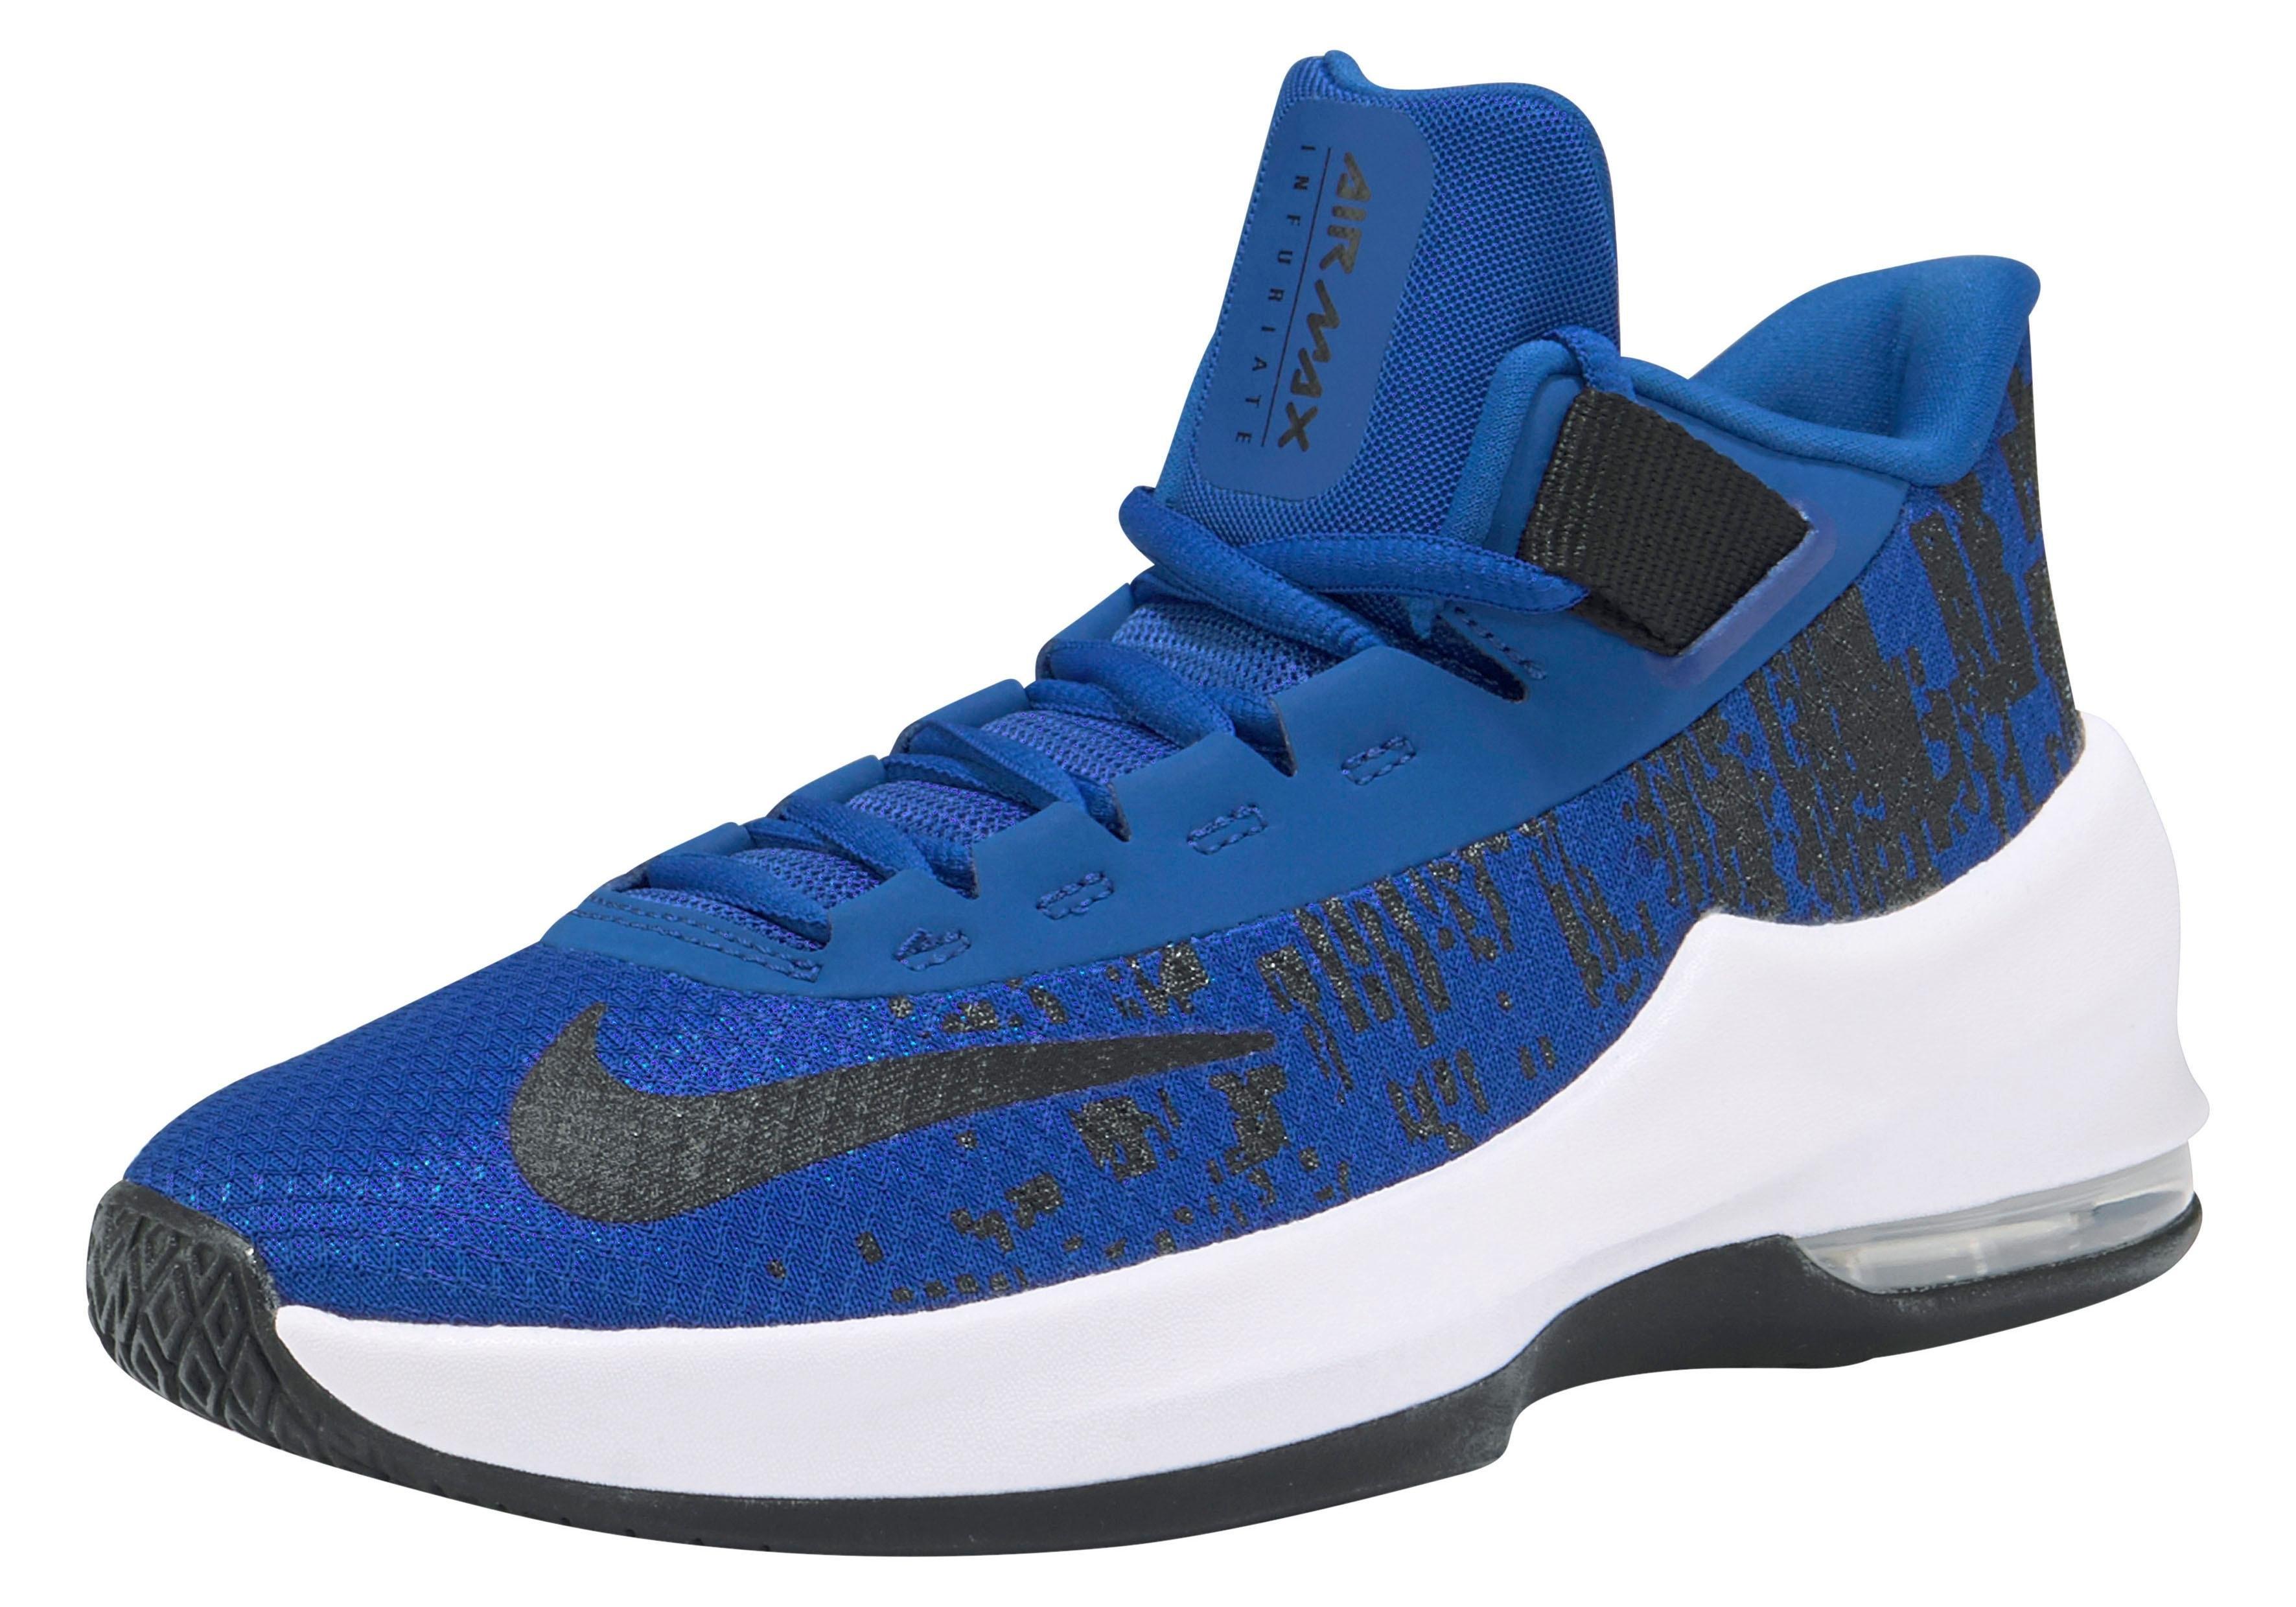 buy online 22825 68095 Afbeeldingsbron Nike basketbalschoenen »Air Max Infuriate 2 Mid (gs)«